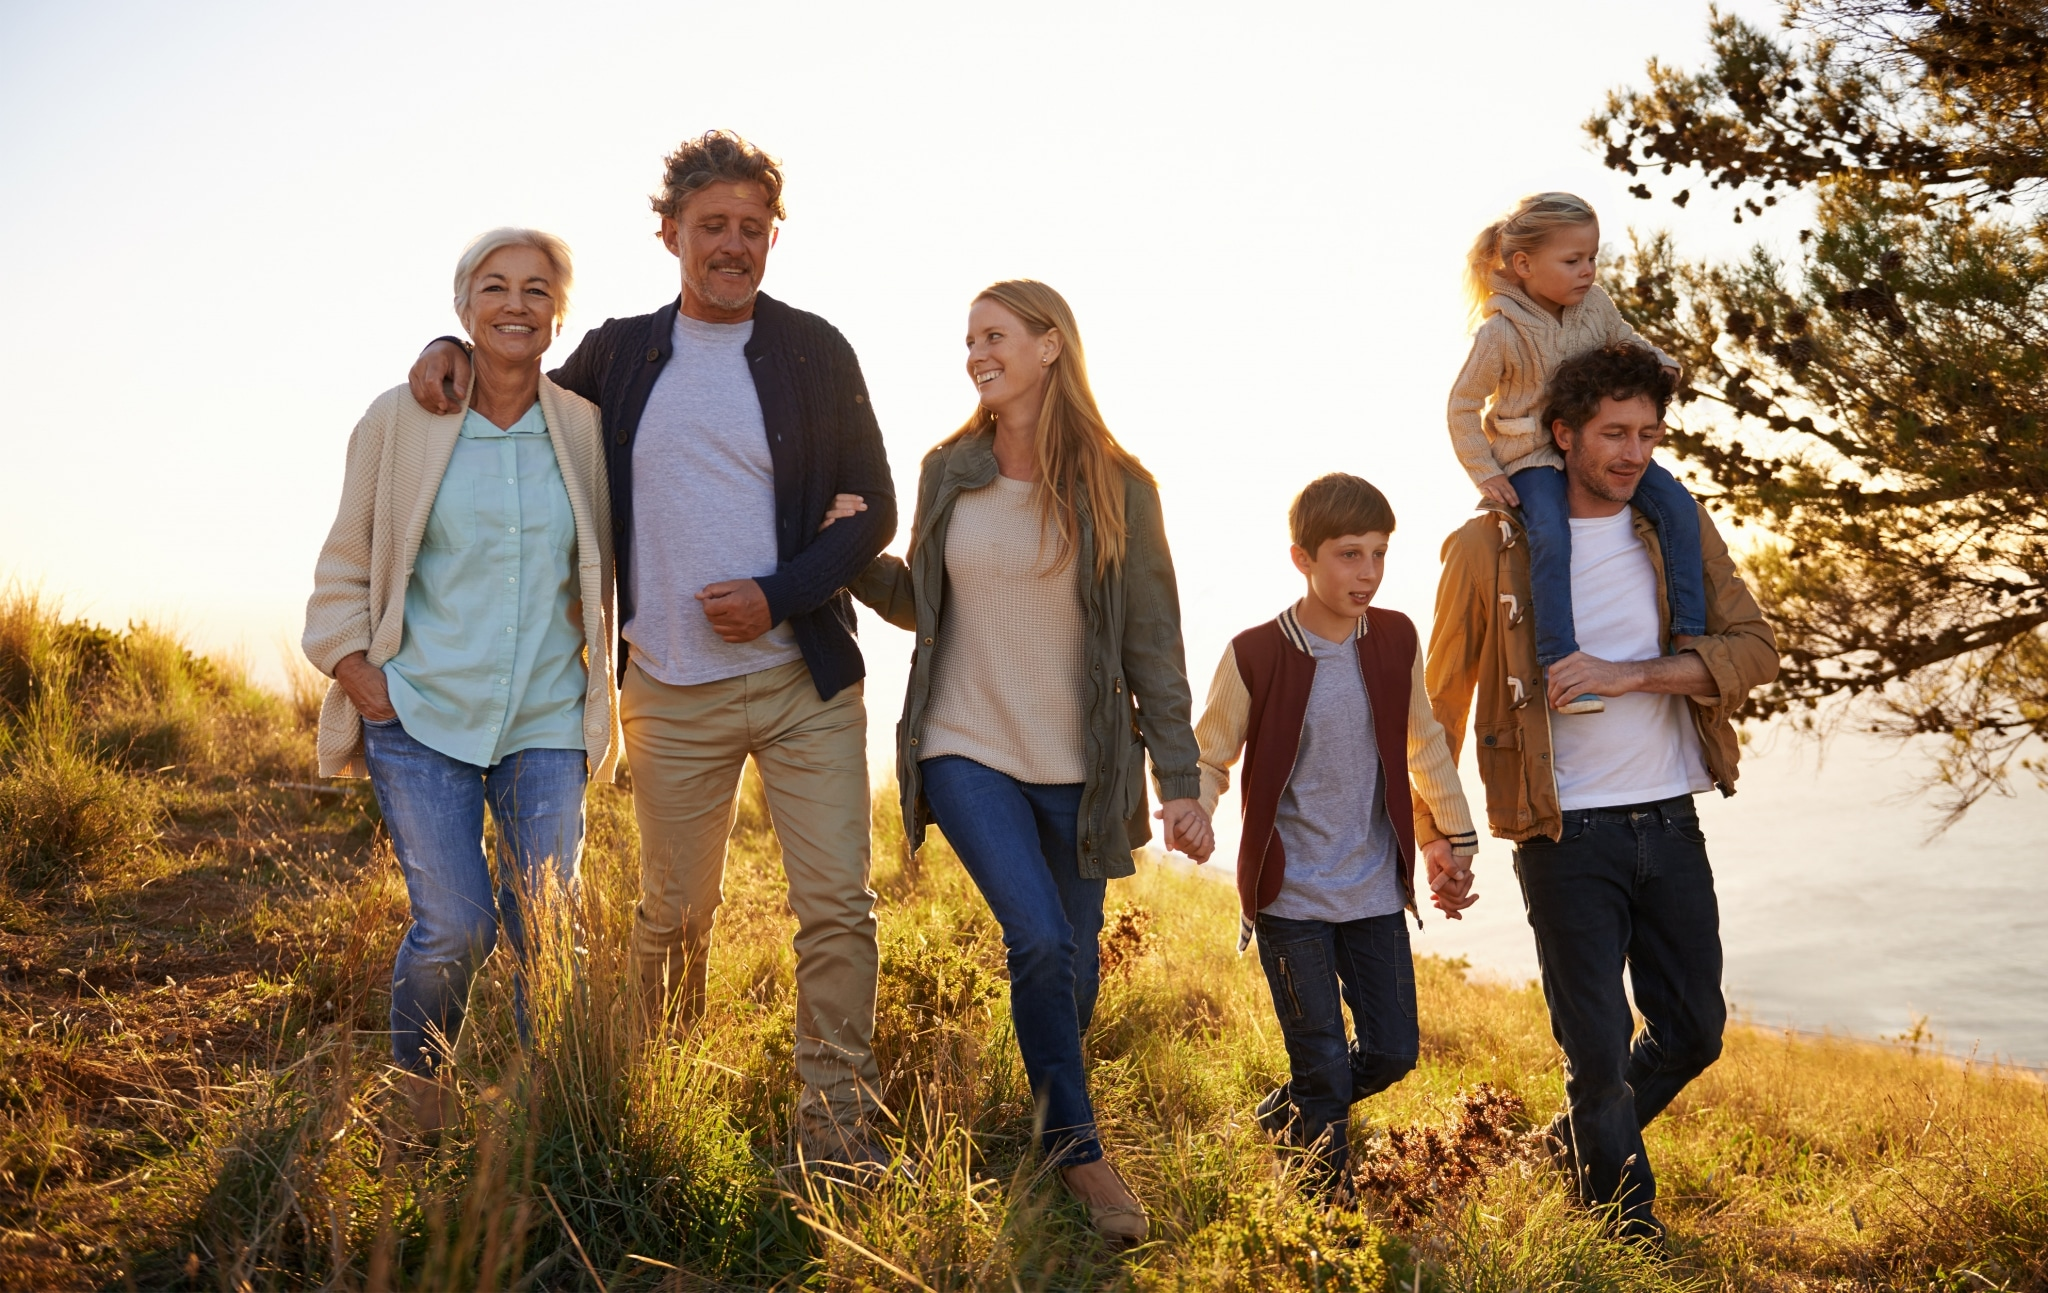 Großeltern, Eltern und Kinder gehen zusammen spazieren